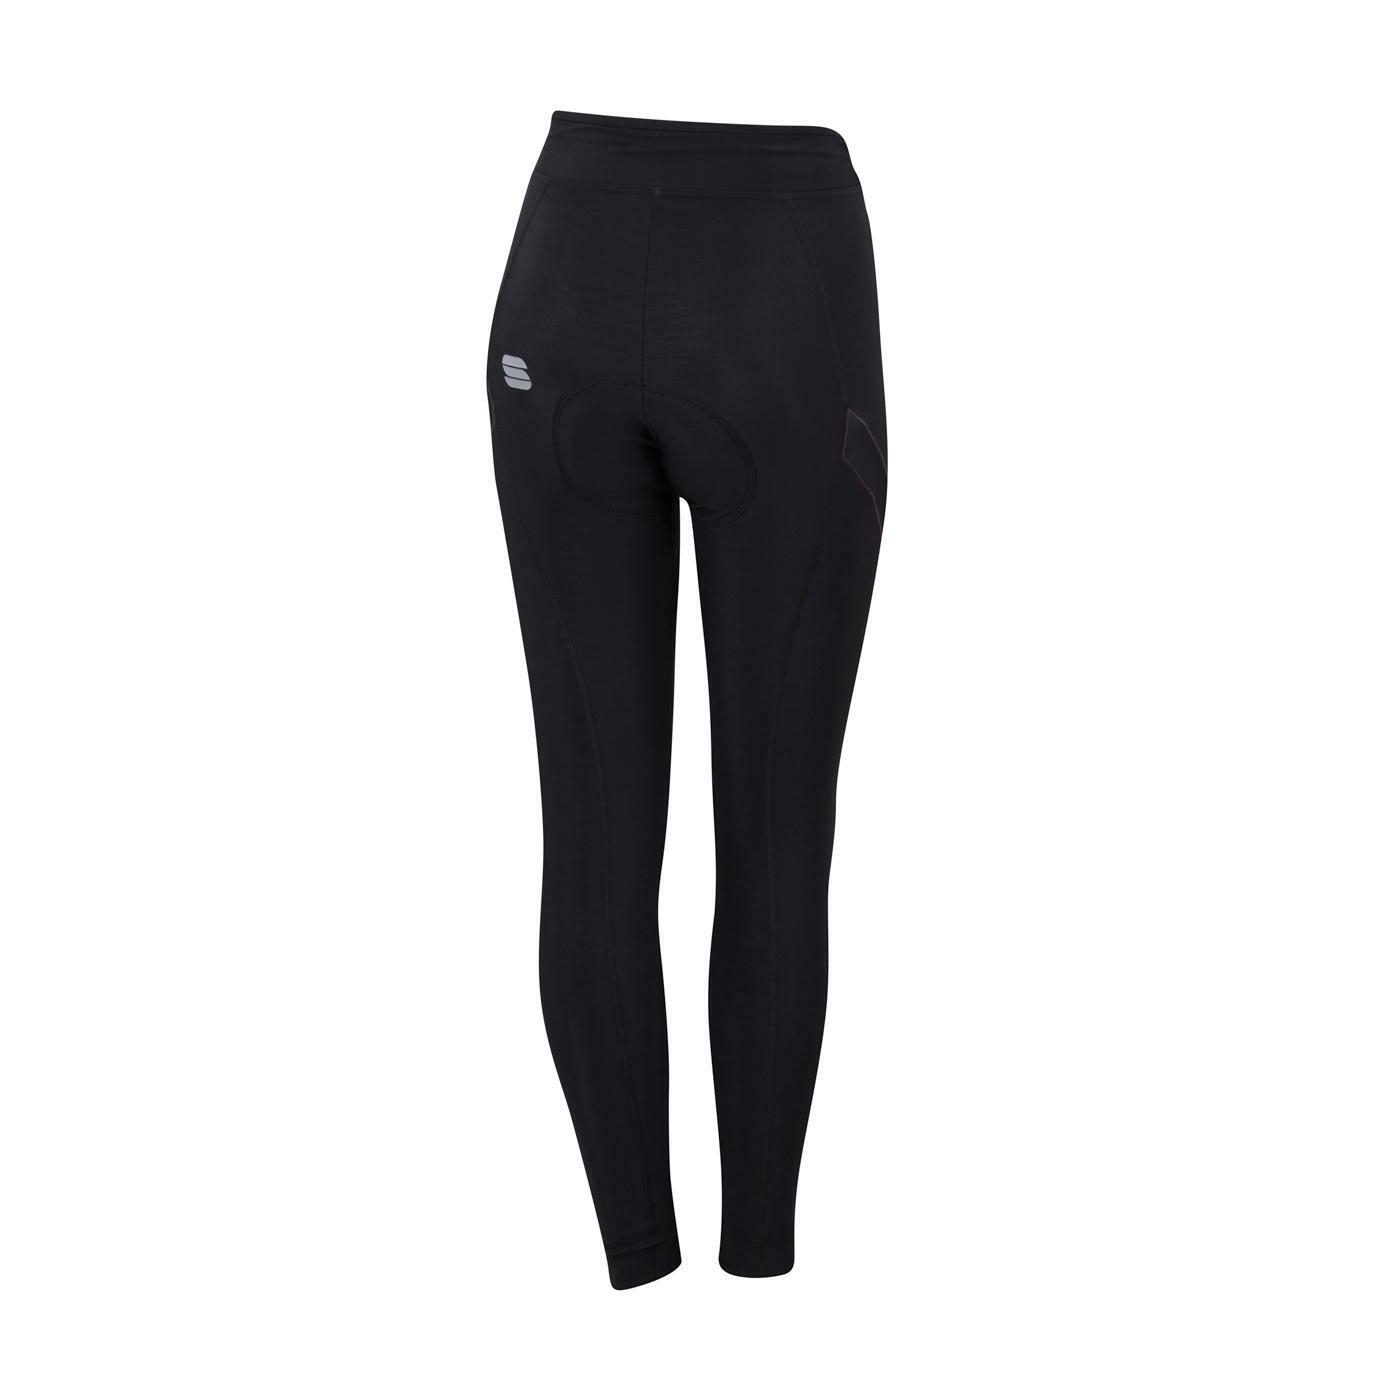 sportful sportful calzamaglia donna neo  tight nero